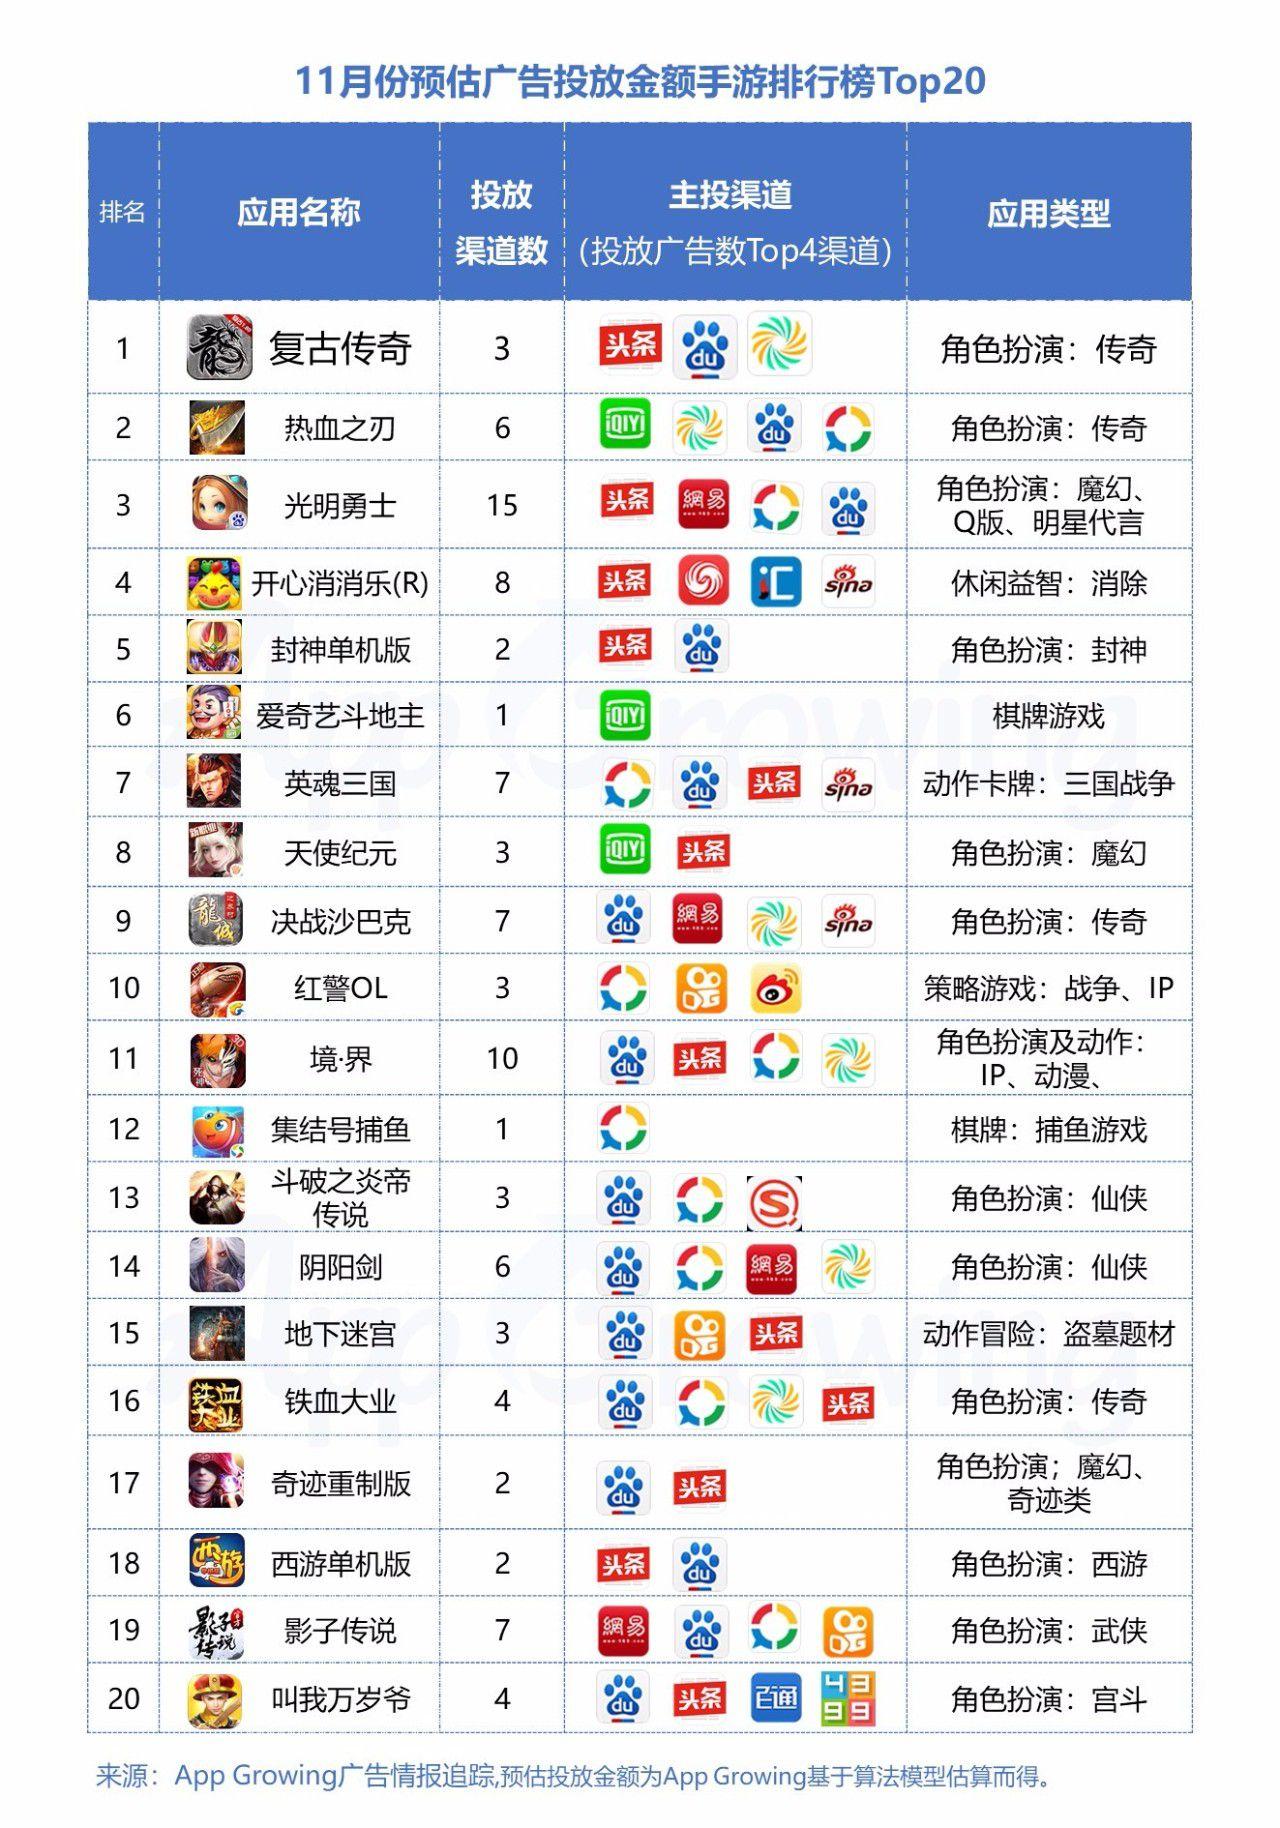 盘点广告投放数Top20手游风云榜,传奇类手游占据排行榜榜首